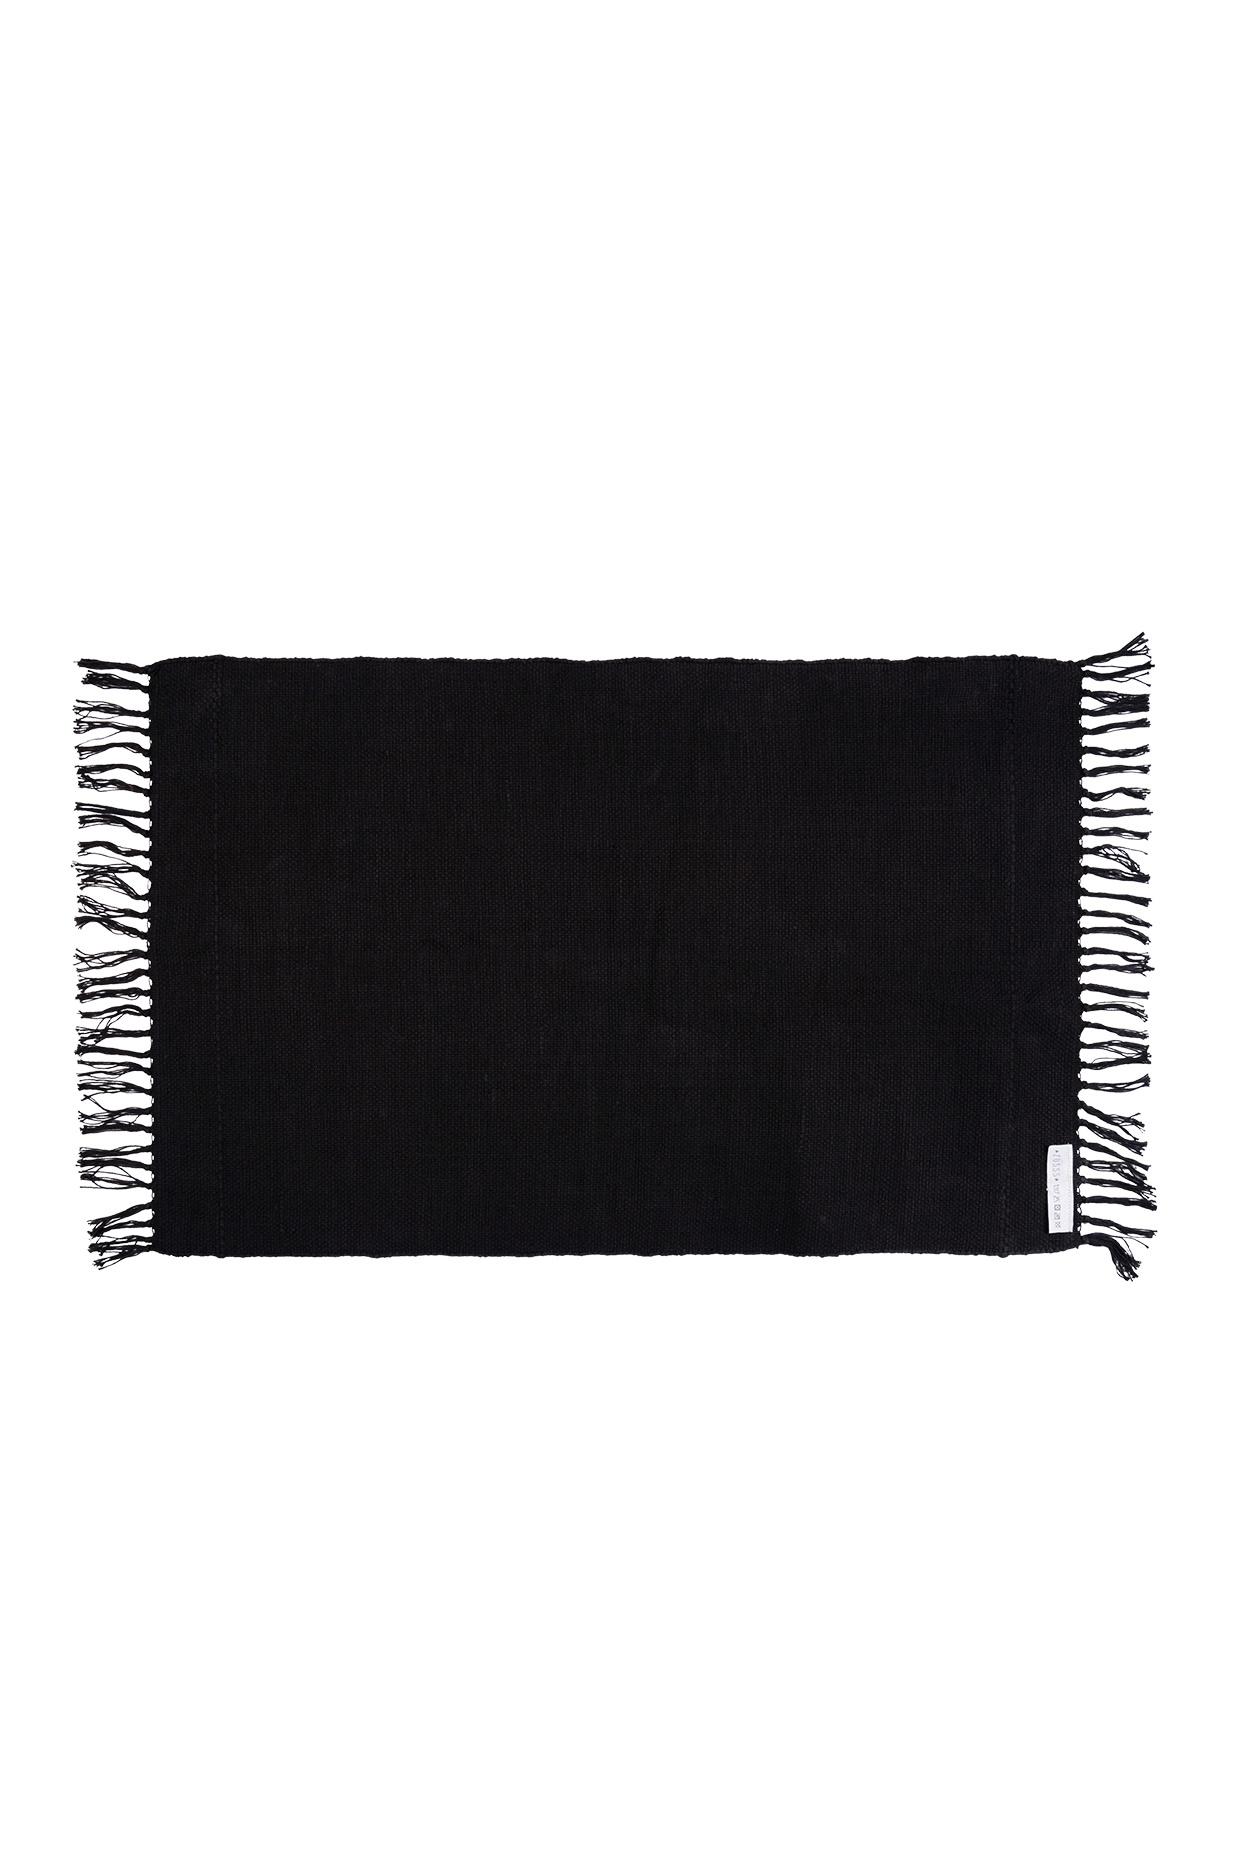 Zusss Vloerkleed katoen 60x90cm, zwart